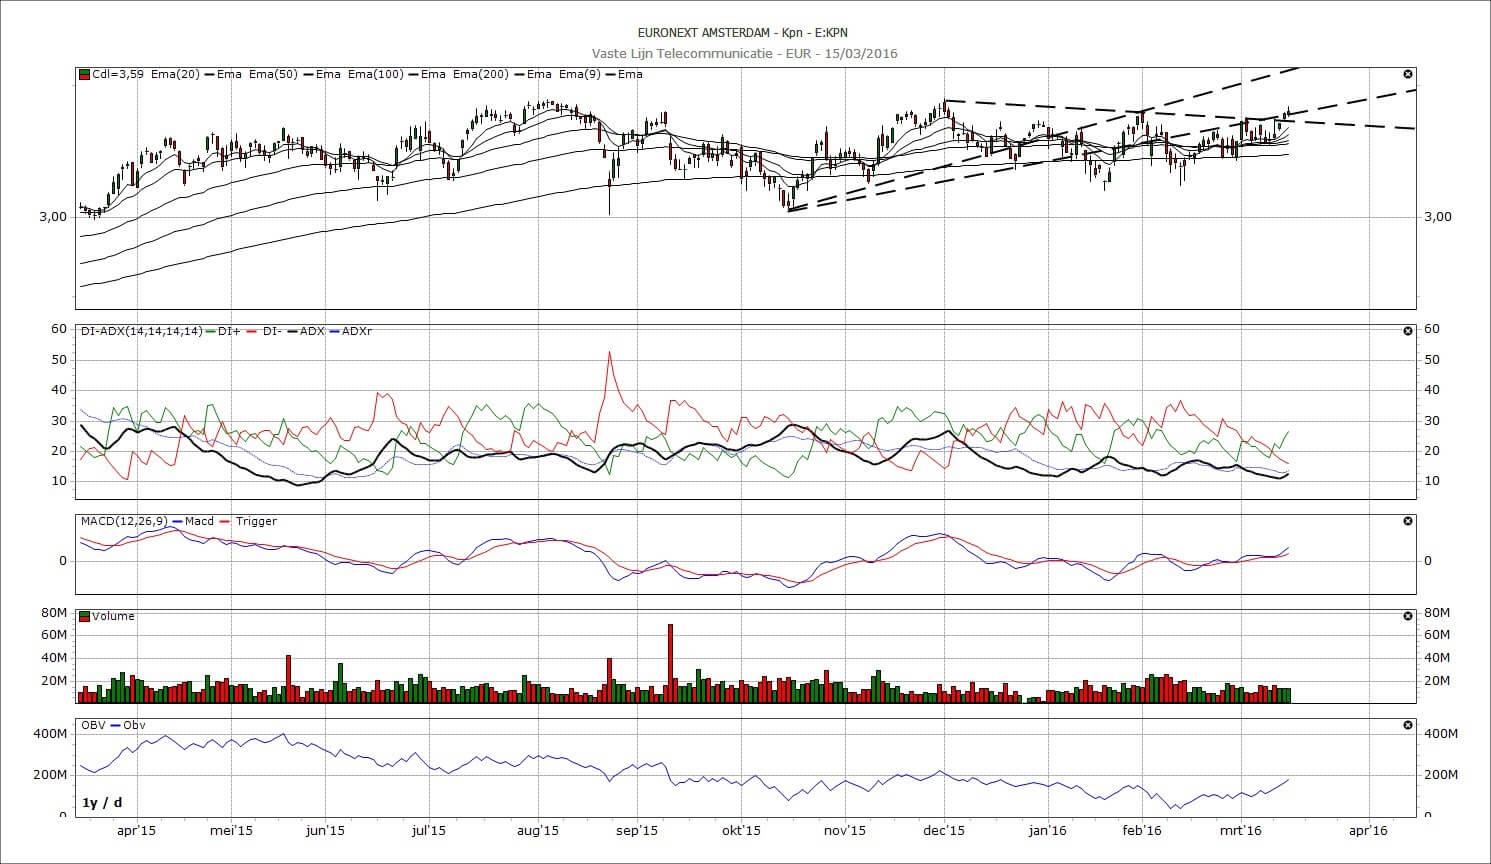 Belangrijk signaal voor het aandeel KPN | LYNX Beleggen Aandeel Kpn